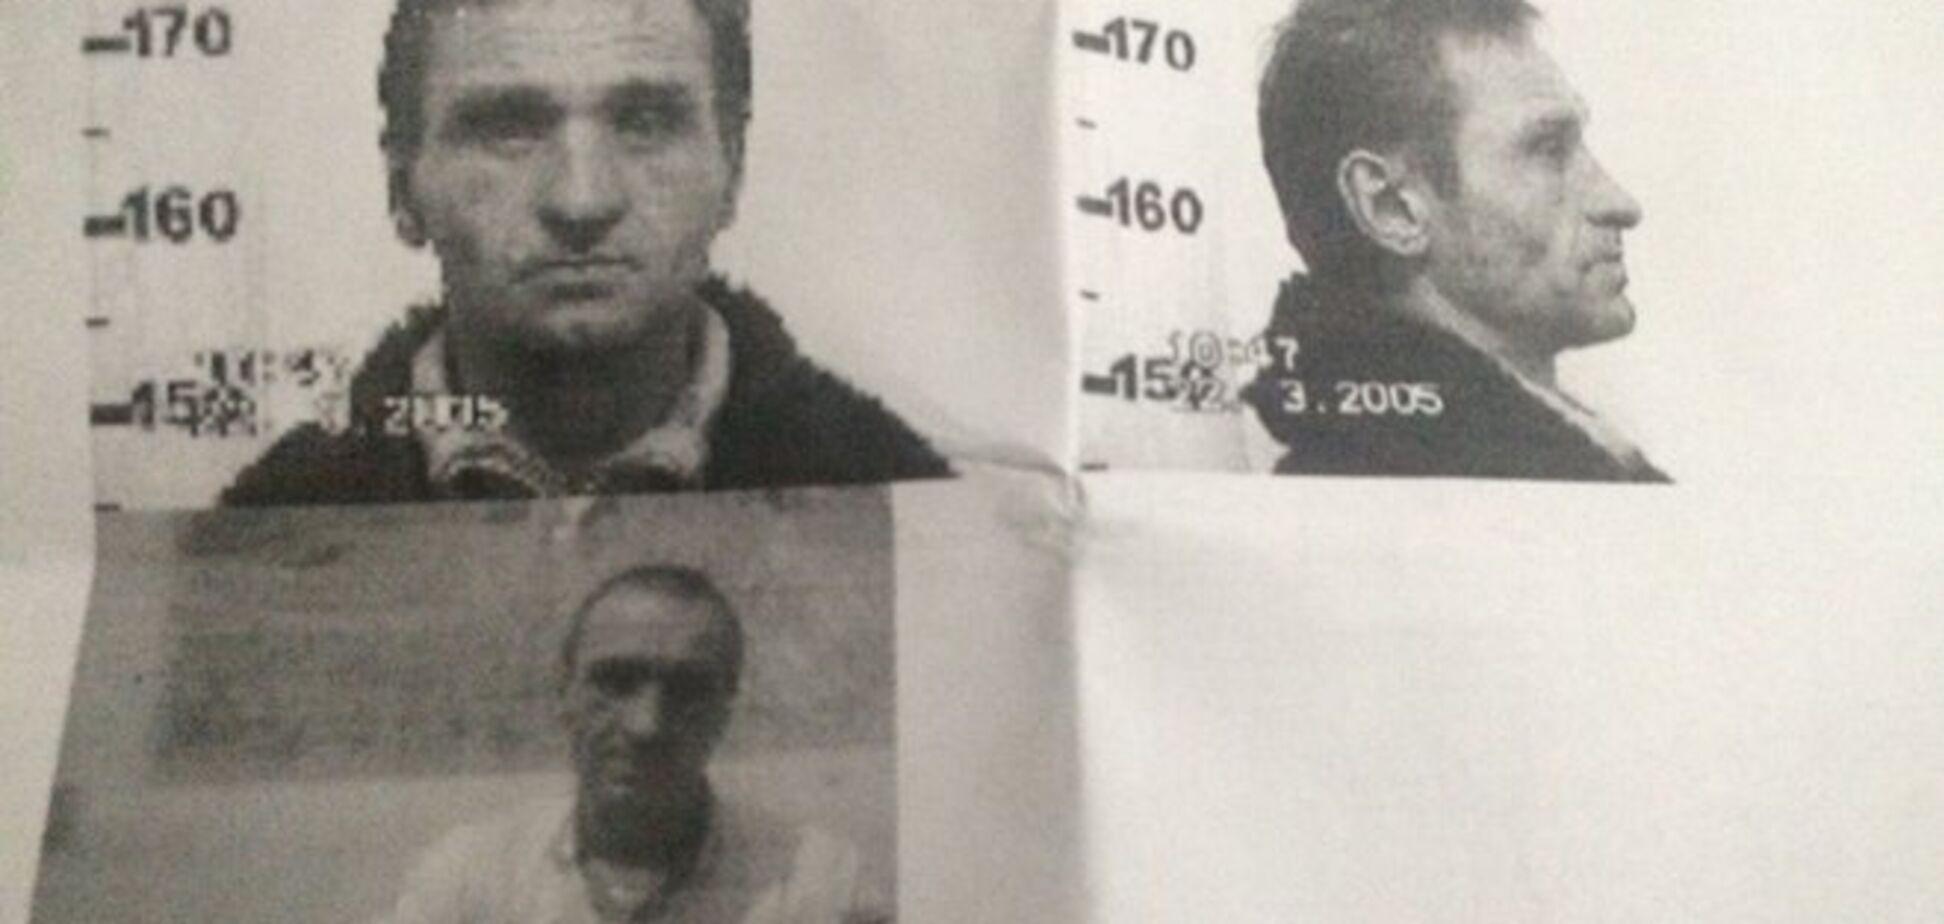 Подозреваемые по делу о взрыве в жилом доме Киева взяты под стражу